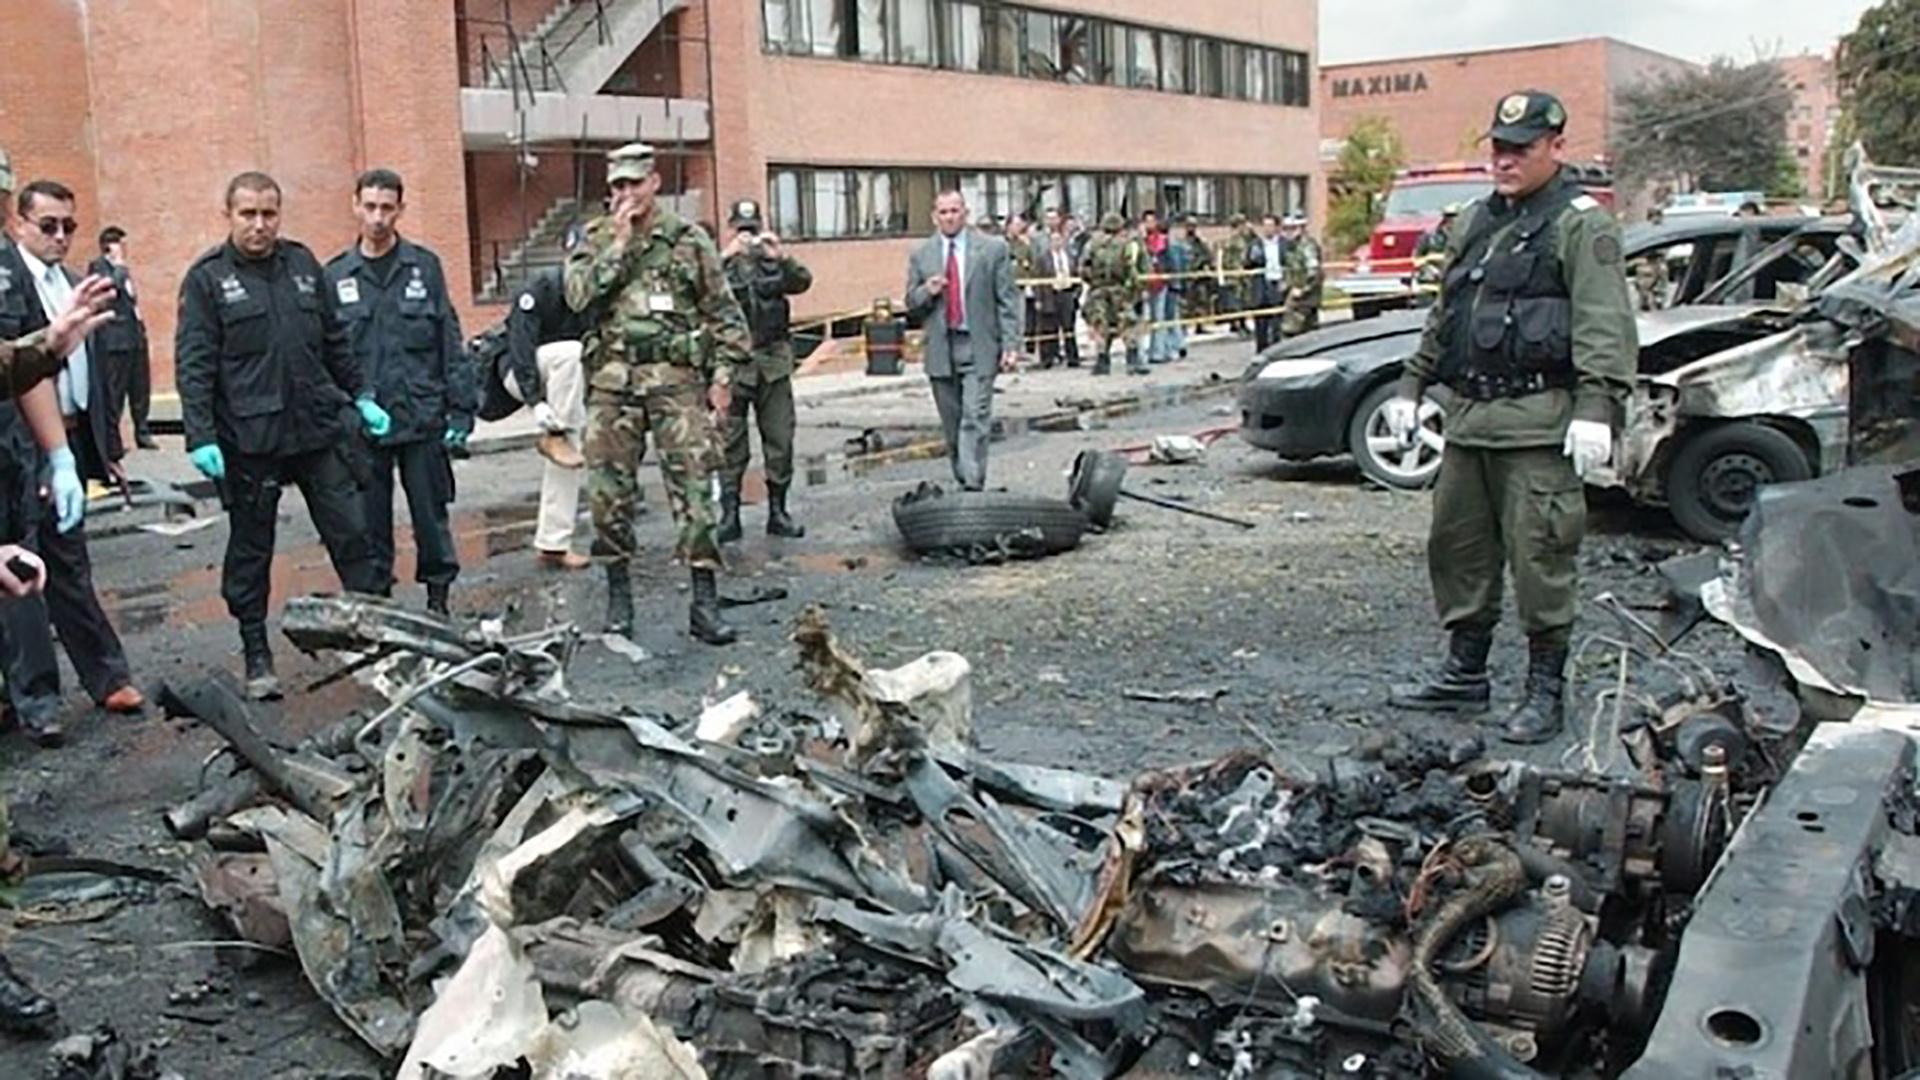 El carro comba con 80 kilos de explosivo de pentolita dejó 21 muertos, entre ellos el terrorista que ingresó el vehículo a la escuela policial, y 68 heridos.